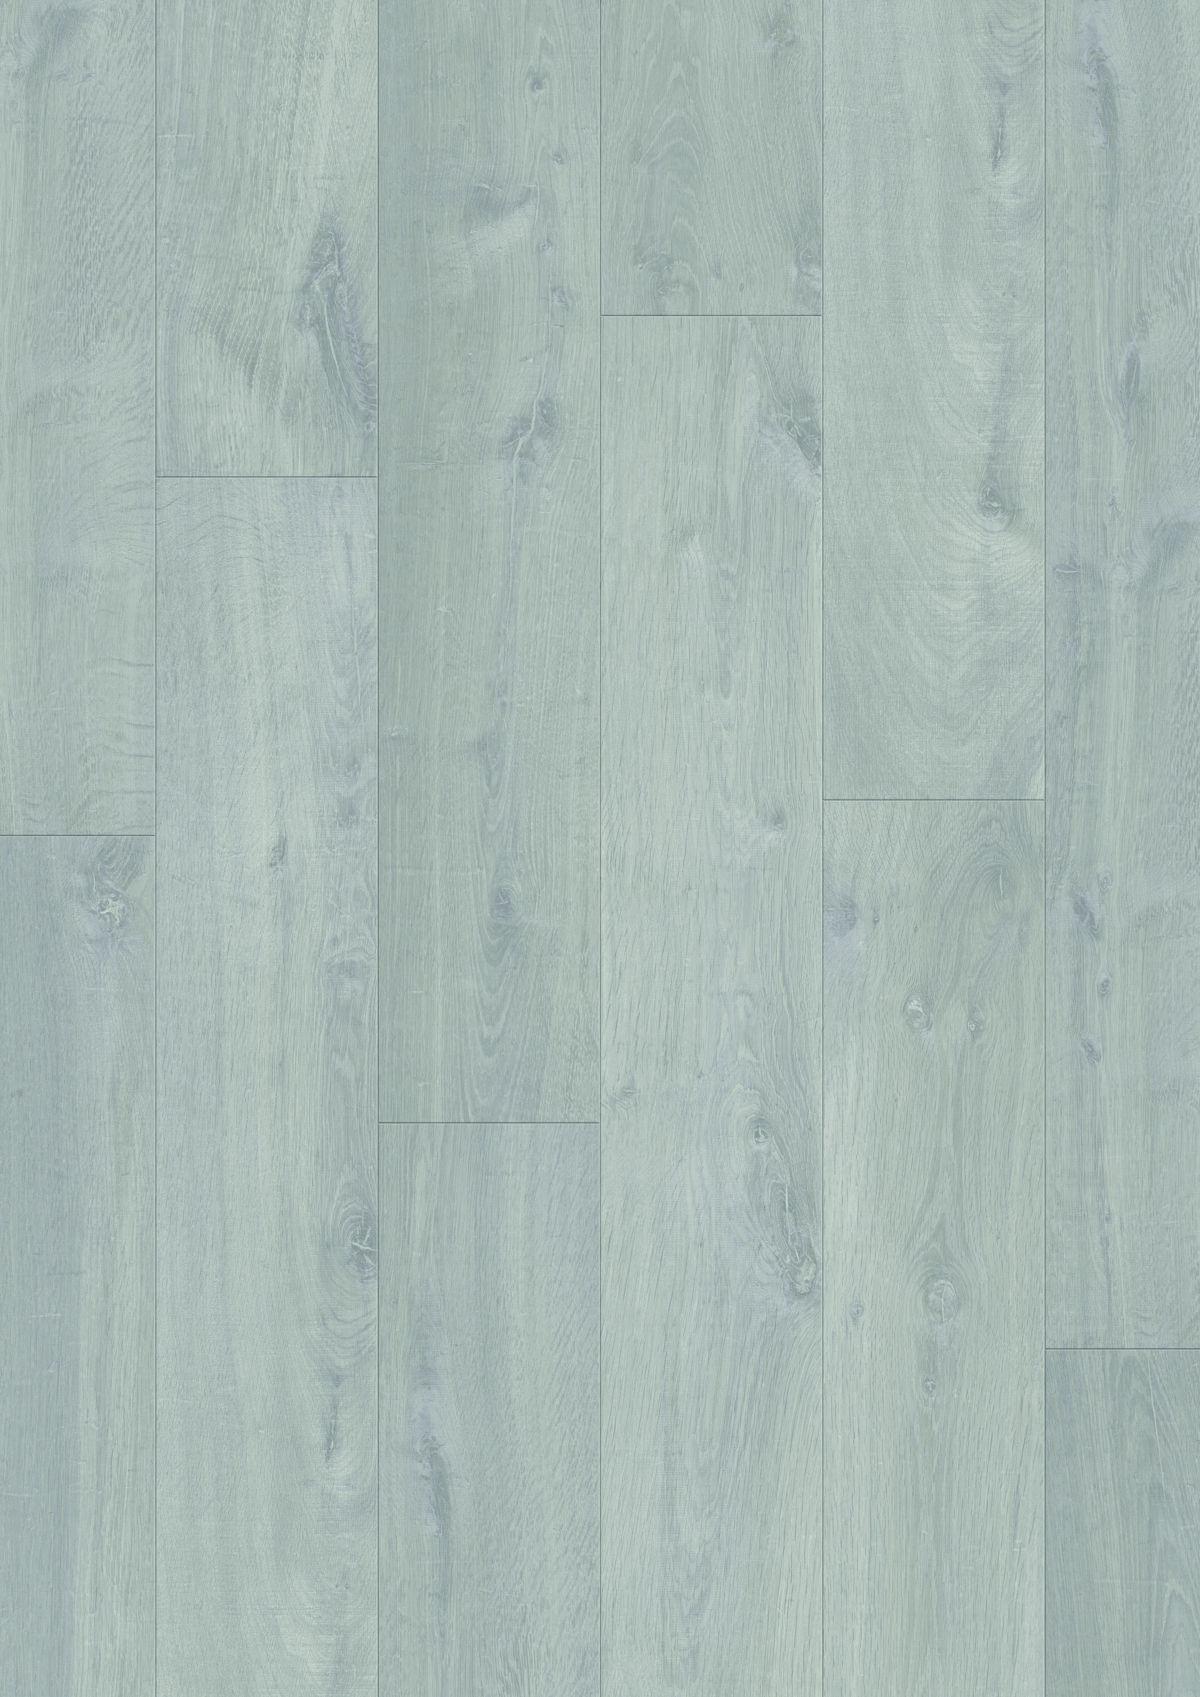 Pergo sensation limed grey oak laminate flooring for Gray pergo flooring